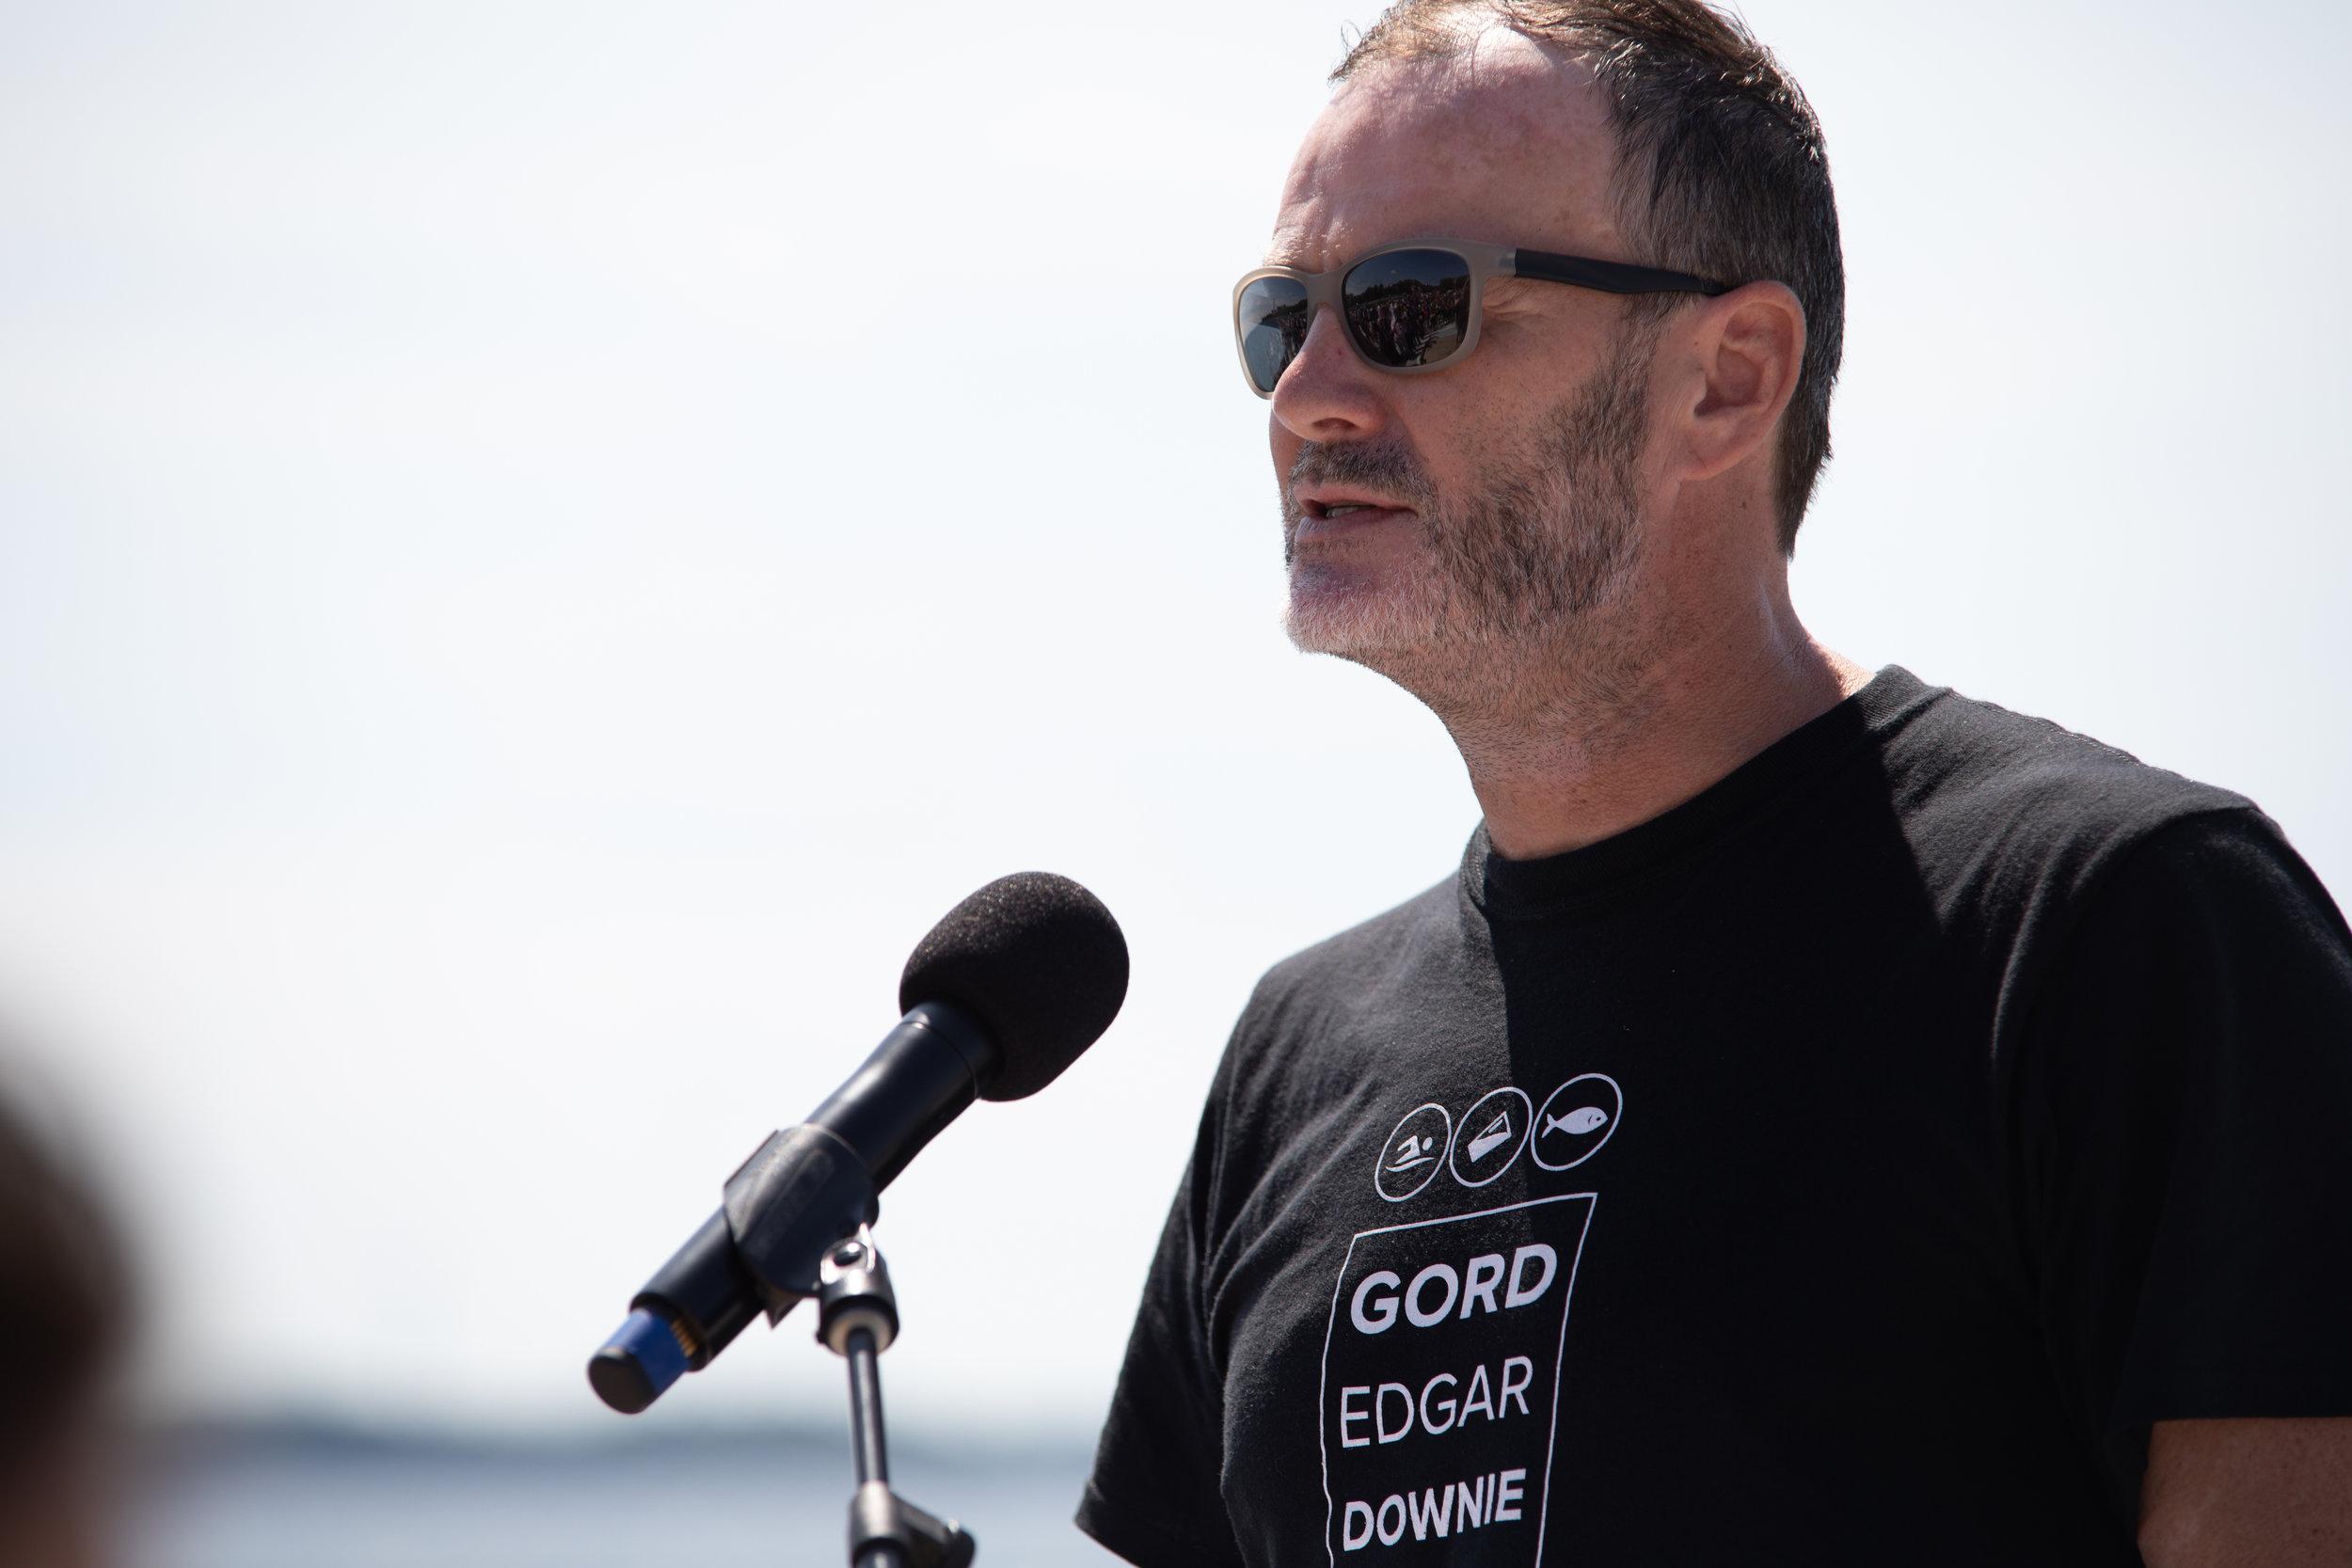 Gord Edgar Downie Pier - Mark Mattson